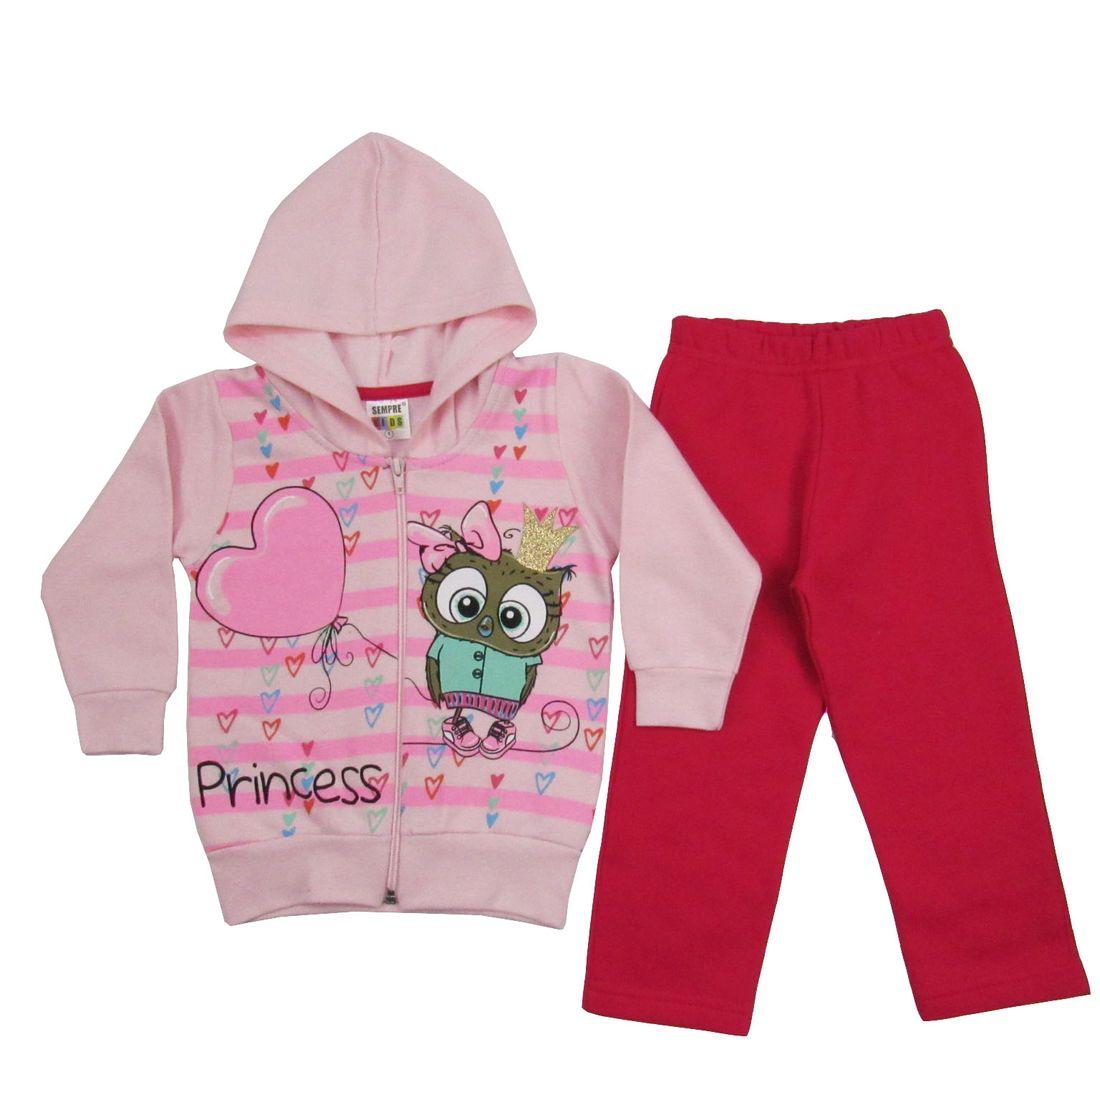 Conjunto Bebê Feminino Inverno Moletom com Capuz Rosa e Pink ... 6b6cc2b19355d